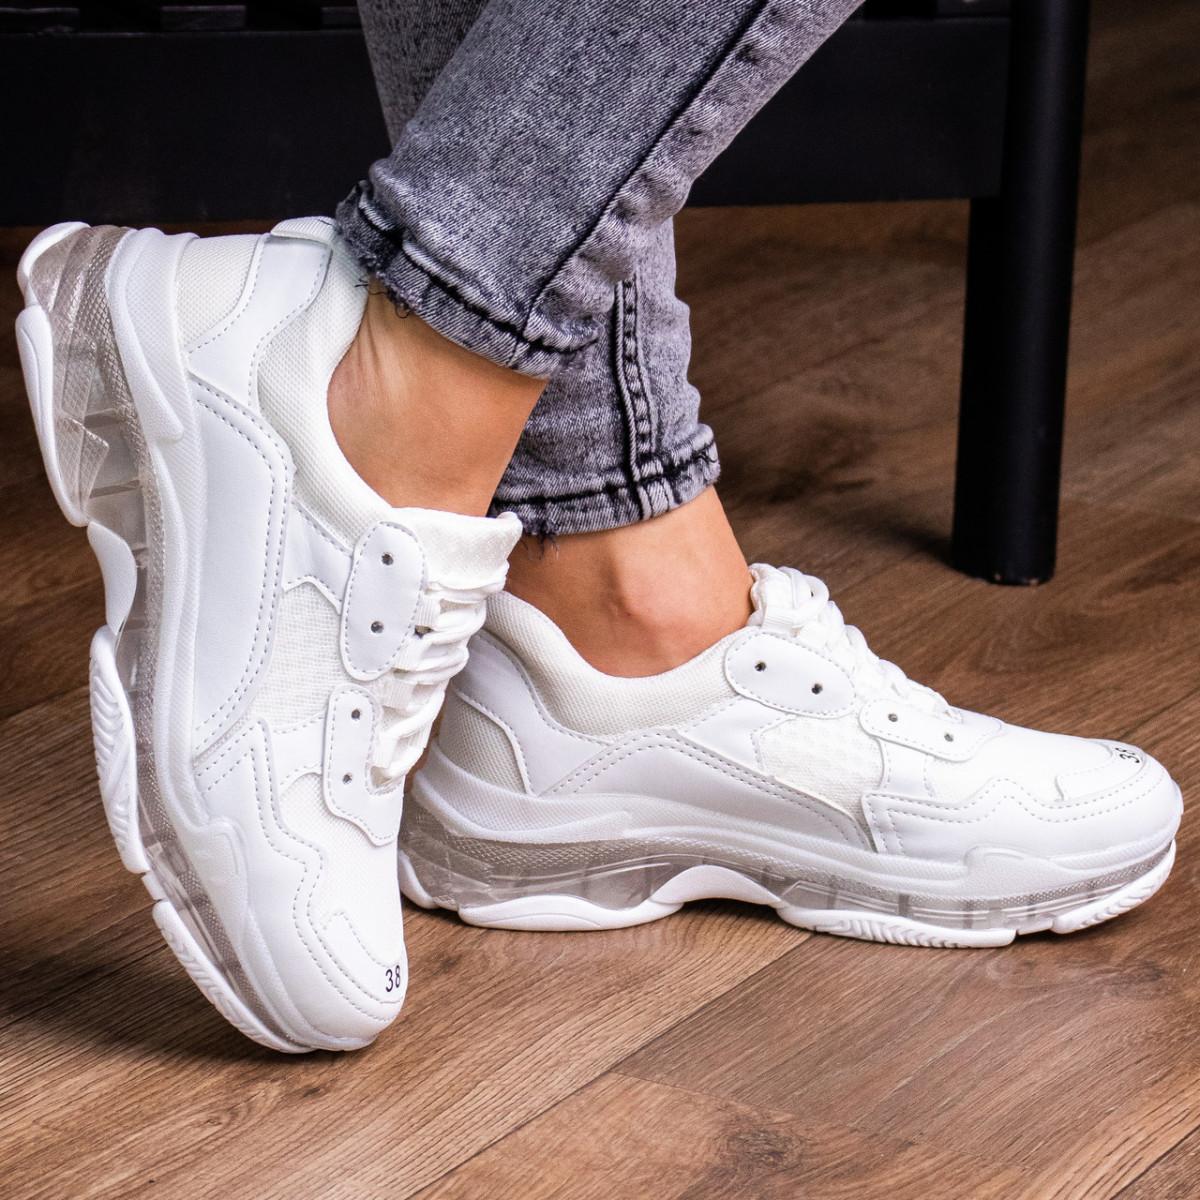 Женские кроссовки Fashion Badlands 1522 36 размер 23 см Белый